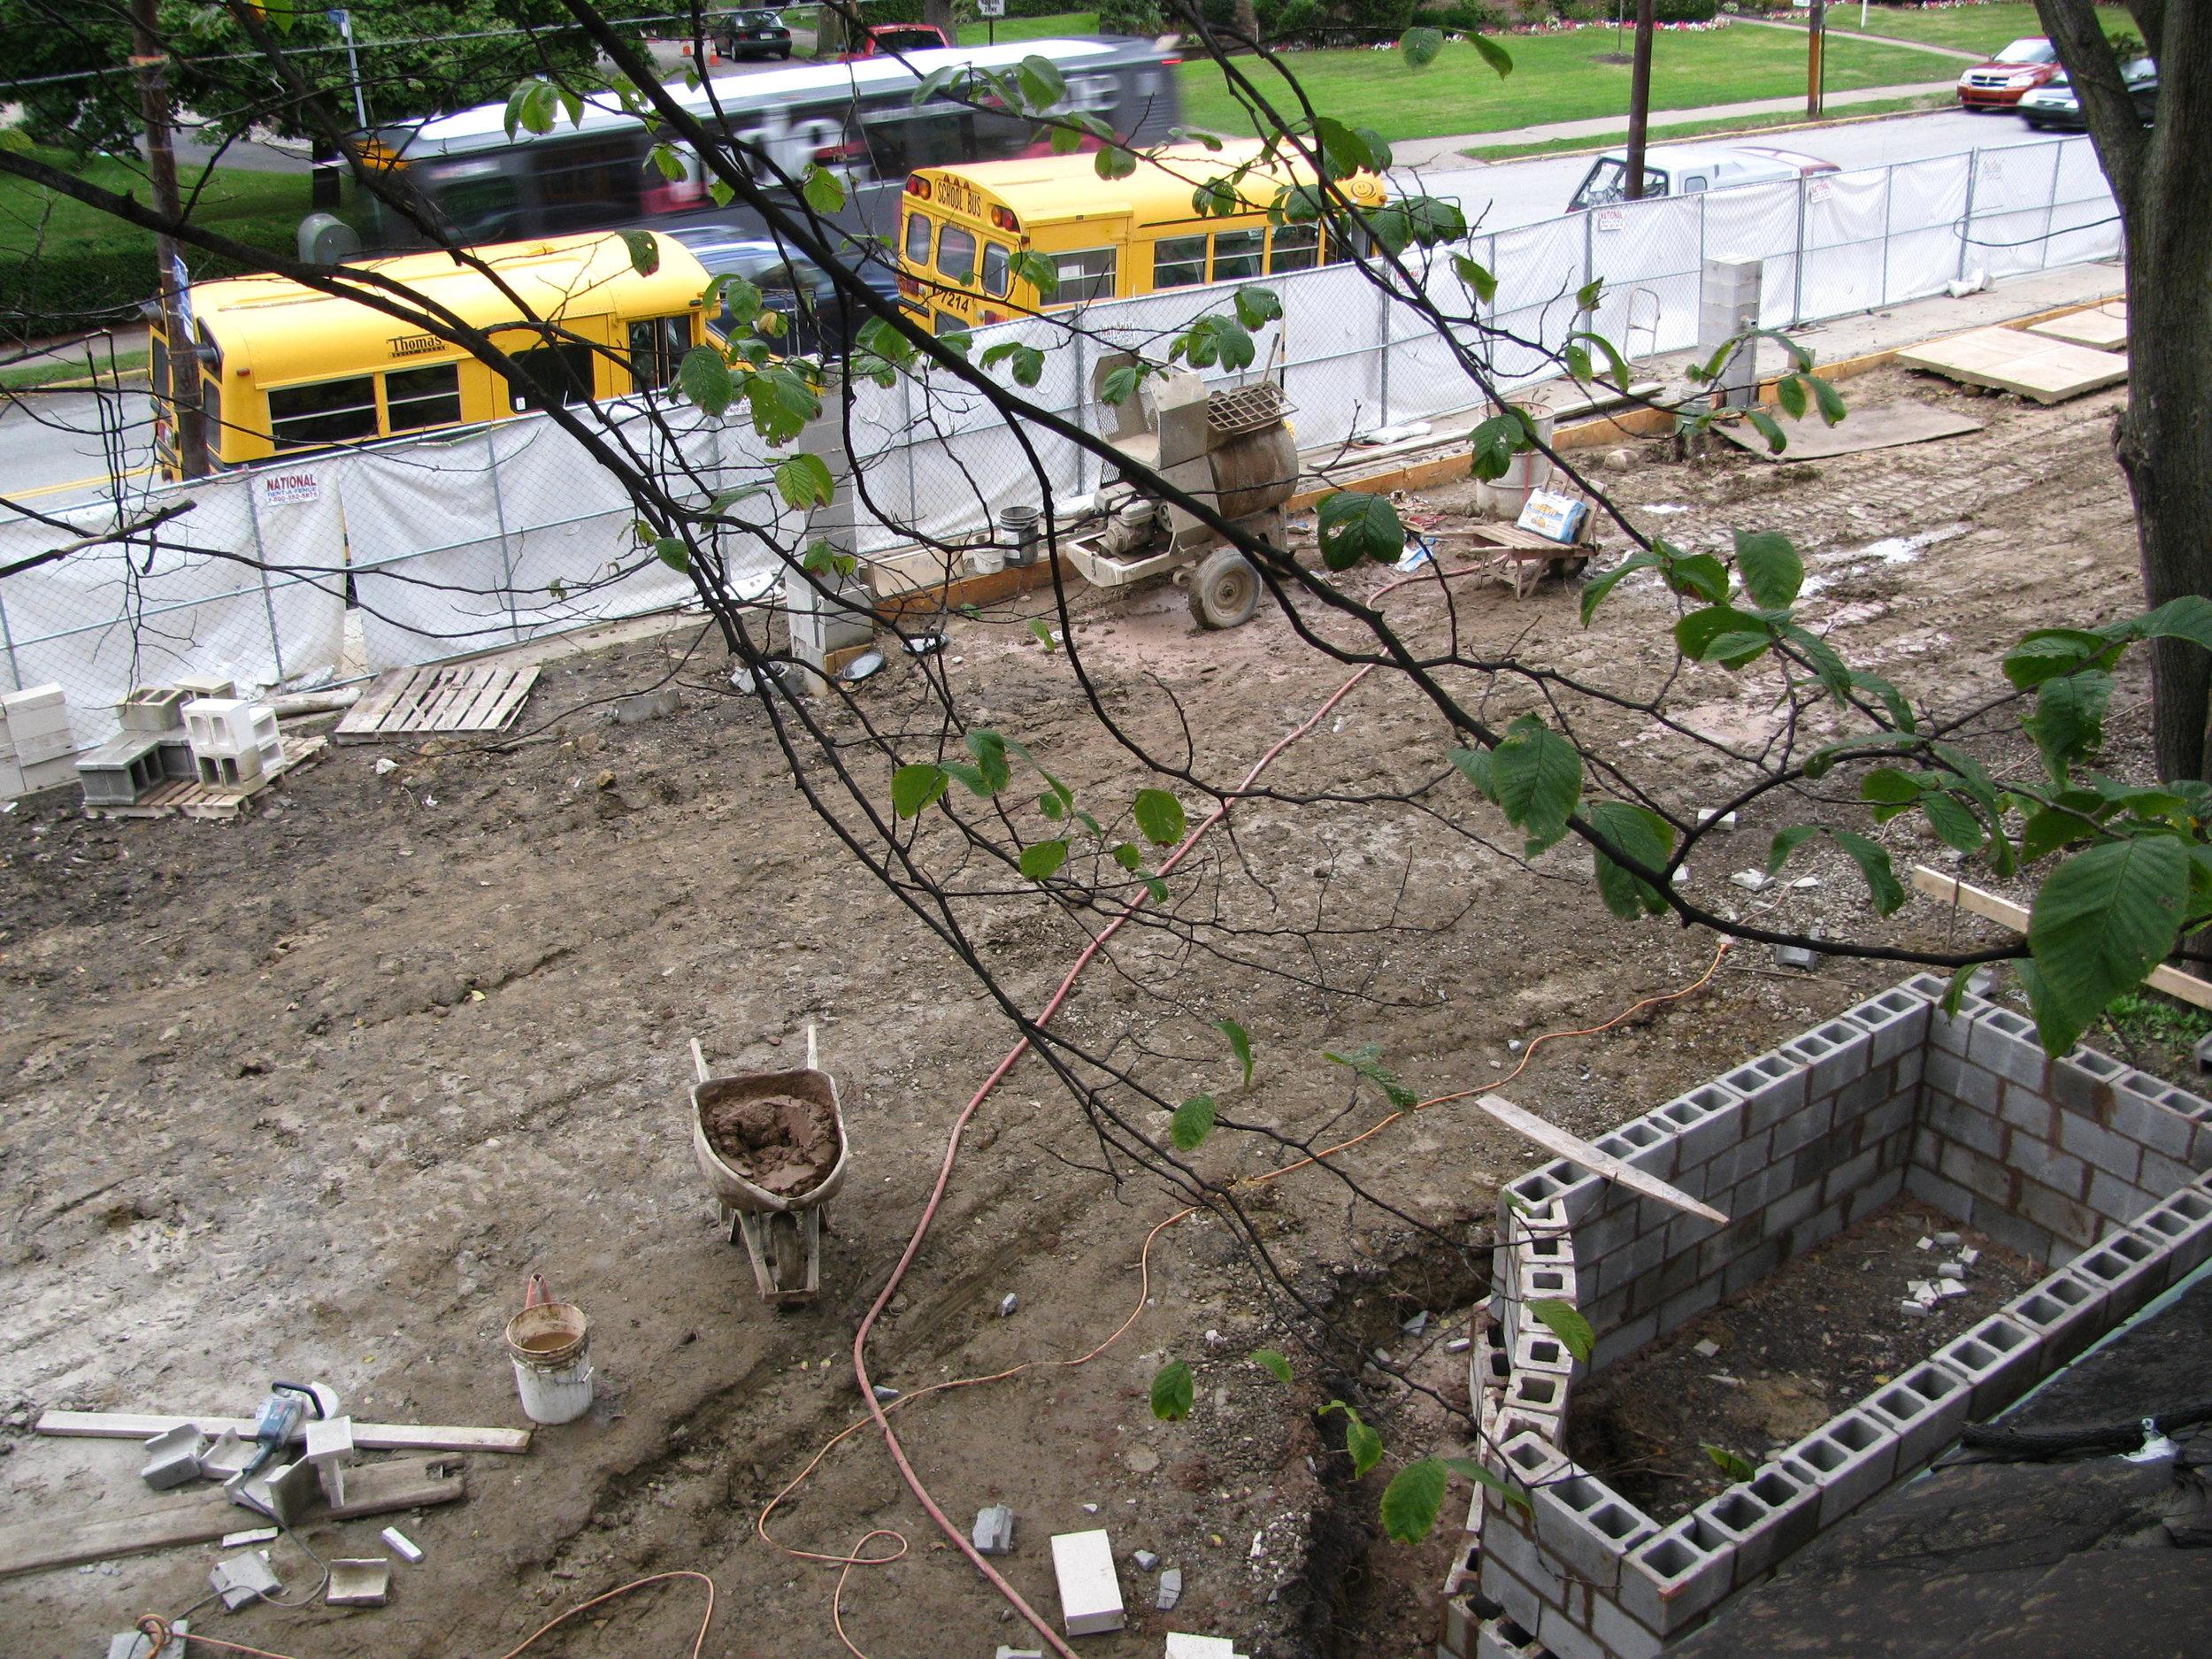 Garden%2010_5_10%202.jpg